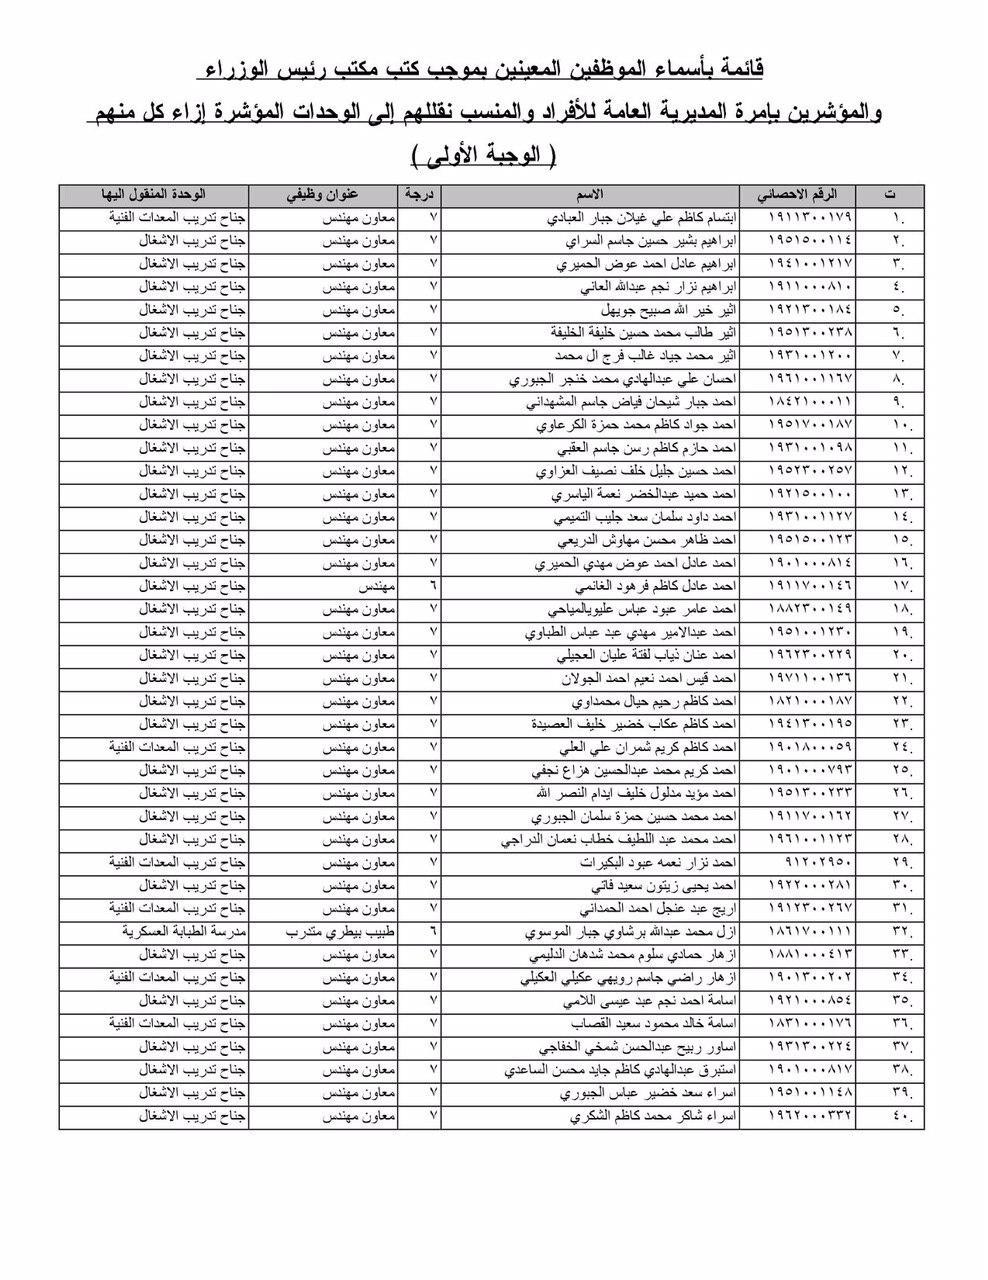 مبرووك وزارة الدفاع تنشر قائمة بأسماء الموظفين المعينين(الوجبة 1) 2020 1109